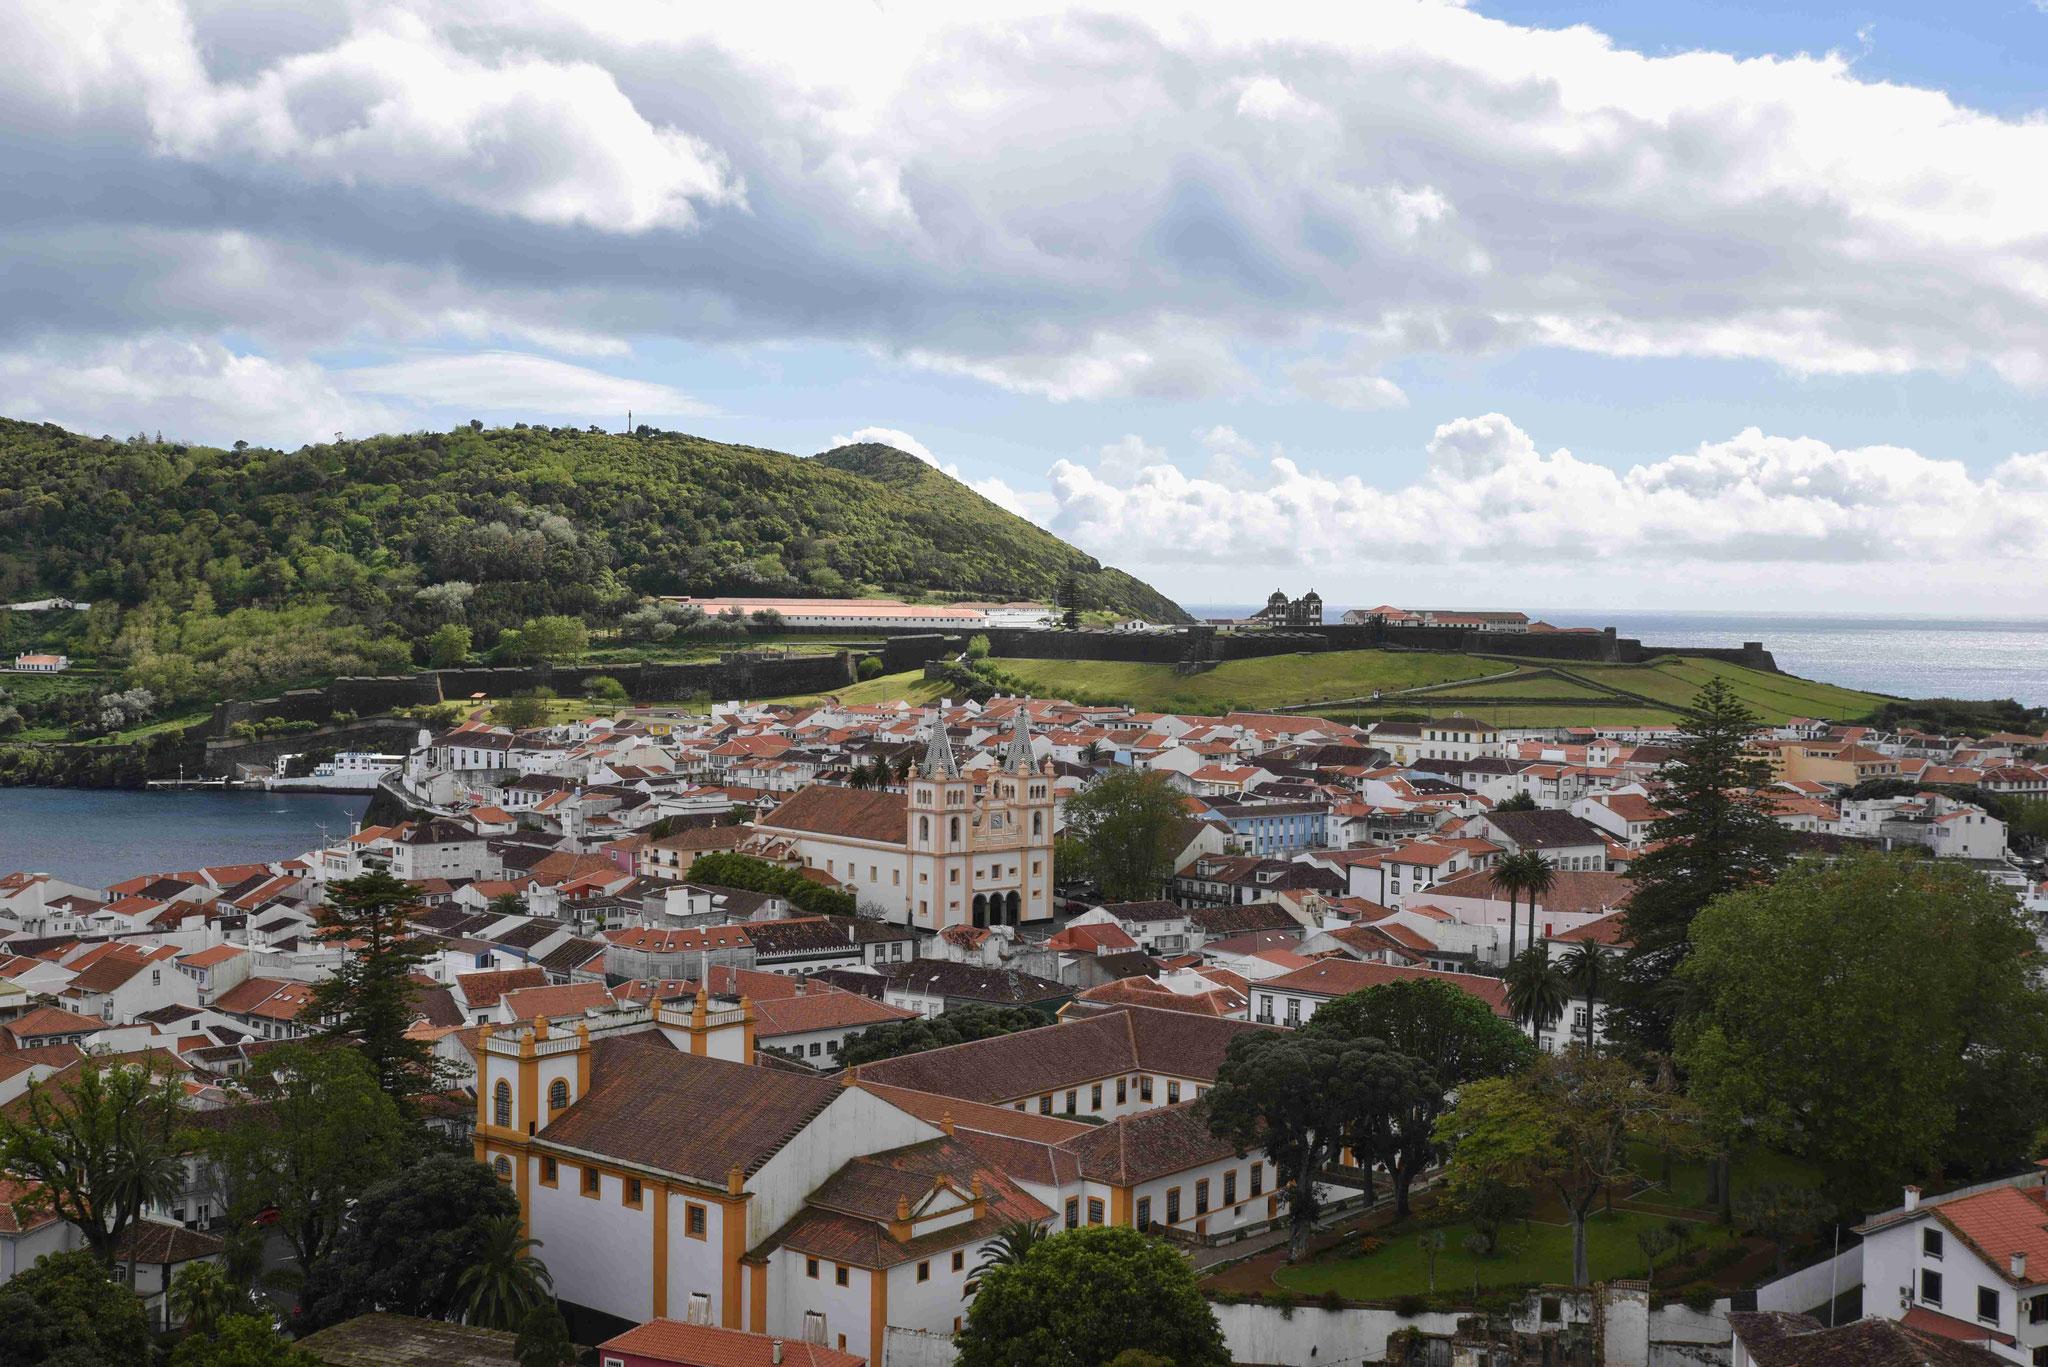 Über den Dächern von Angra do Heroismo